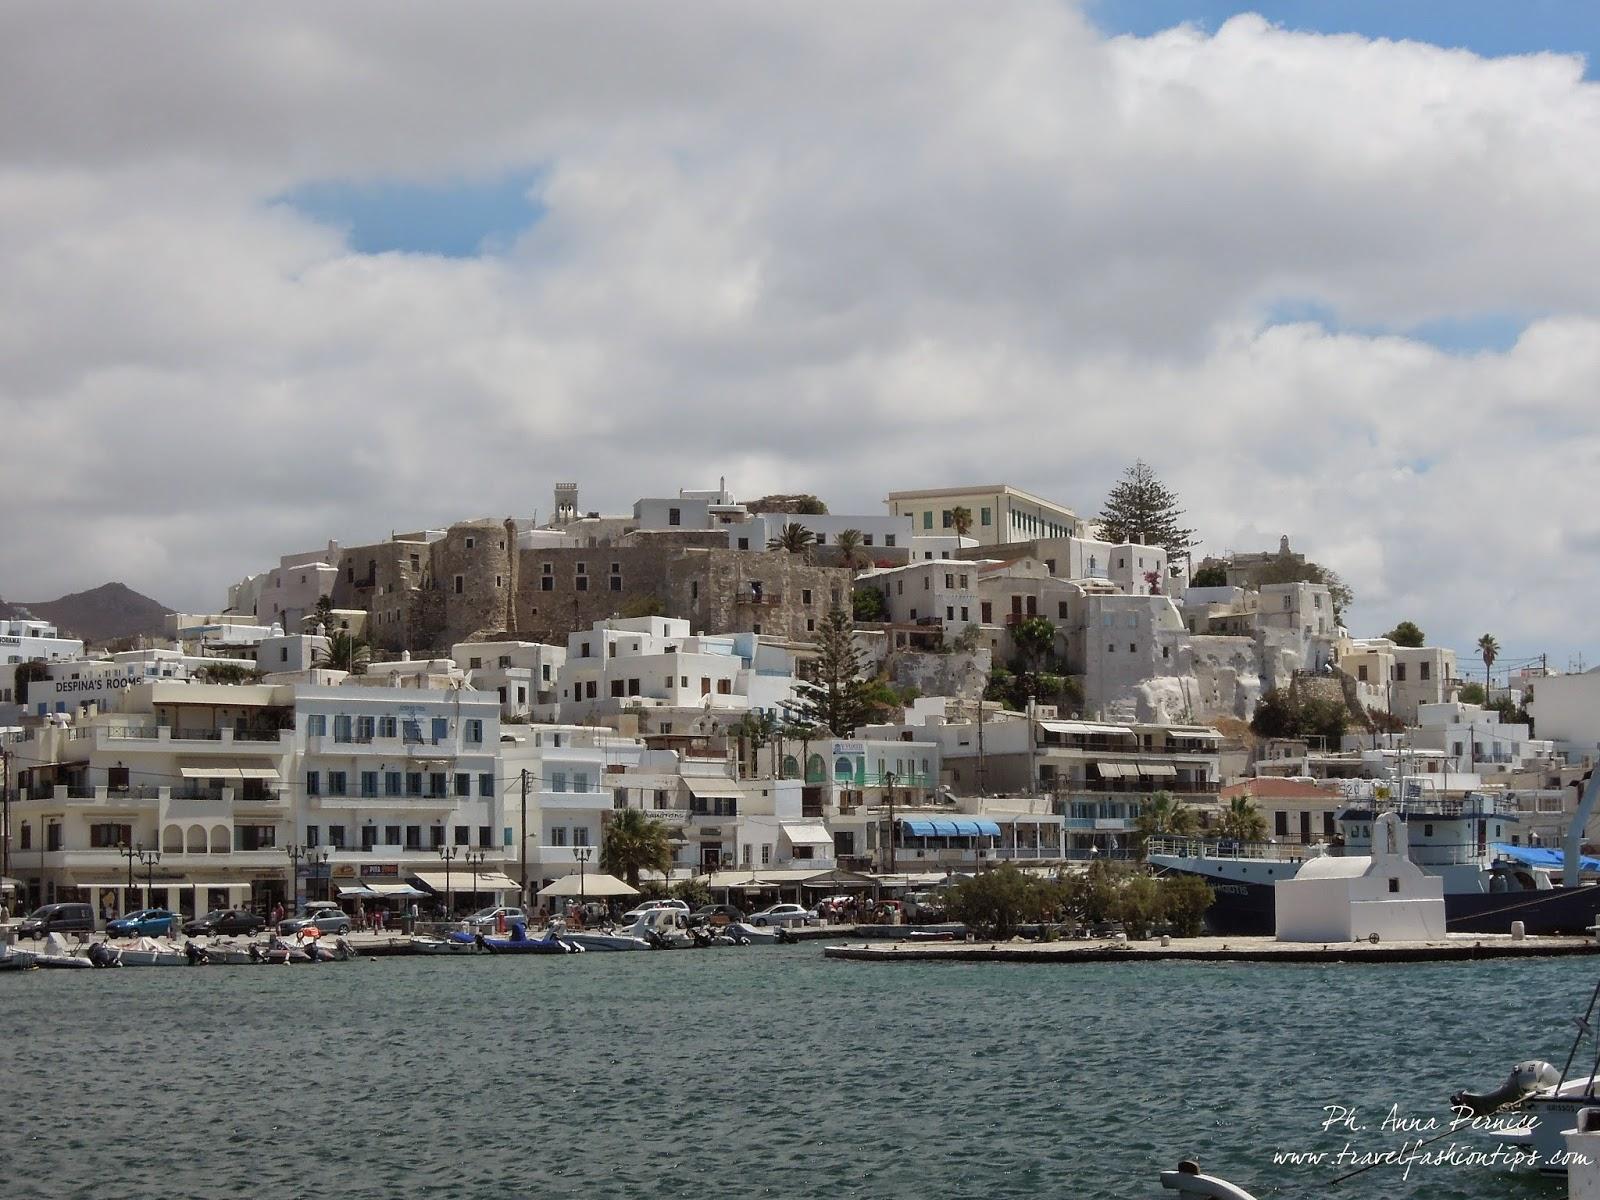 Vacanza in grecia naxos for Grecia vacanze